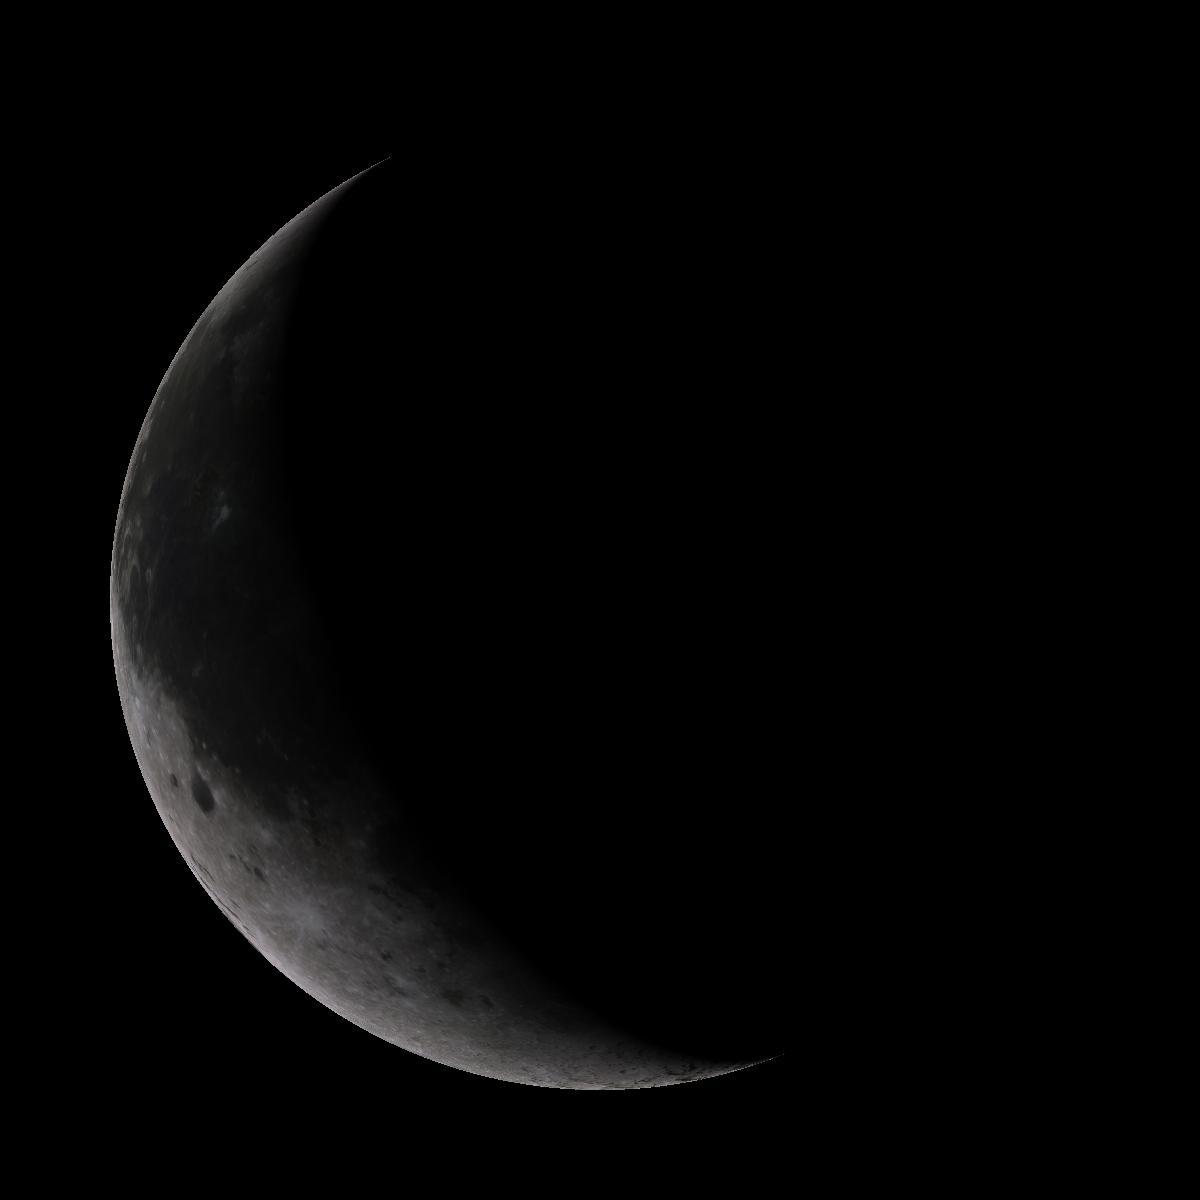 Lune du 24 octobre 2019